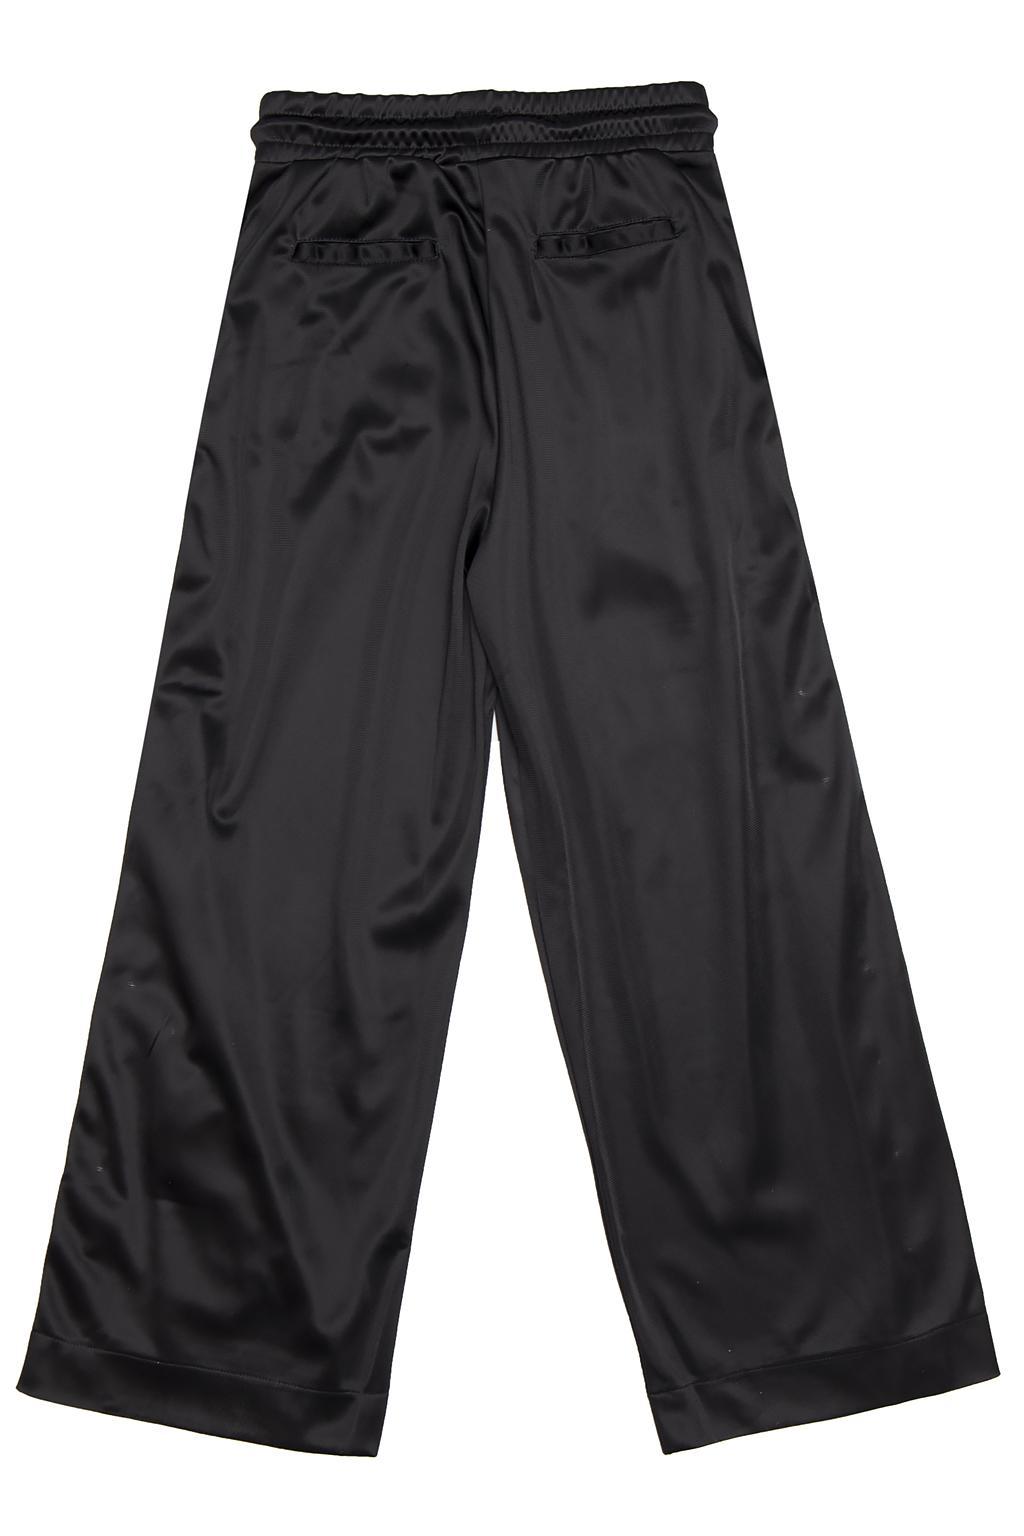 Diesel Kids Branded track pants